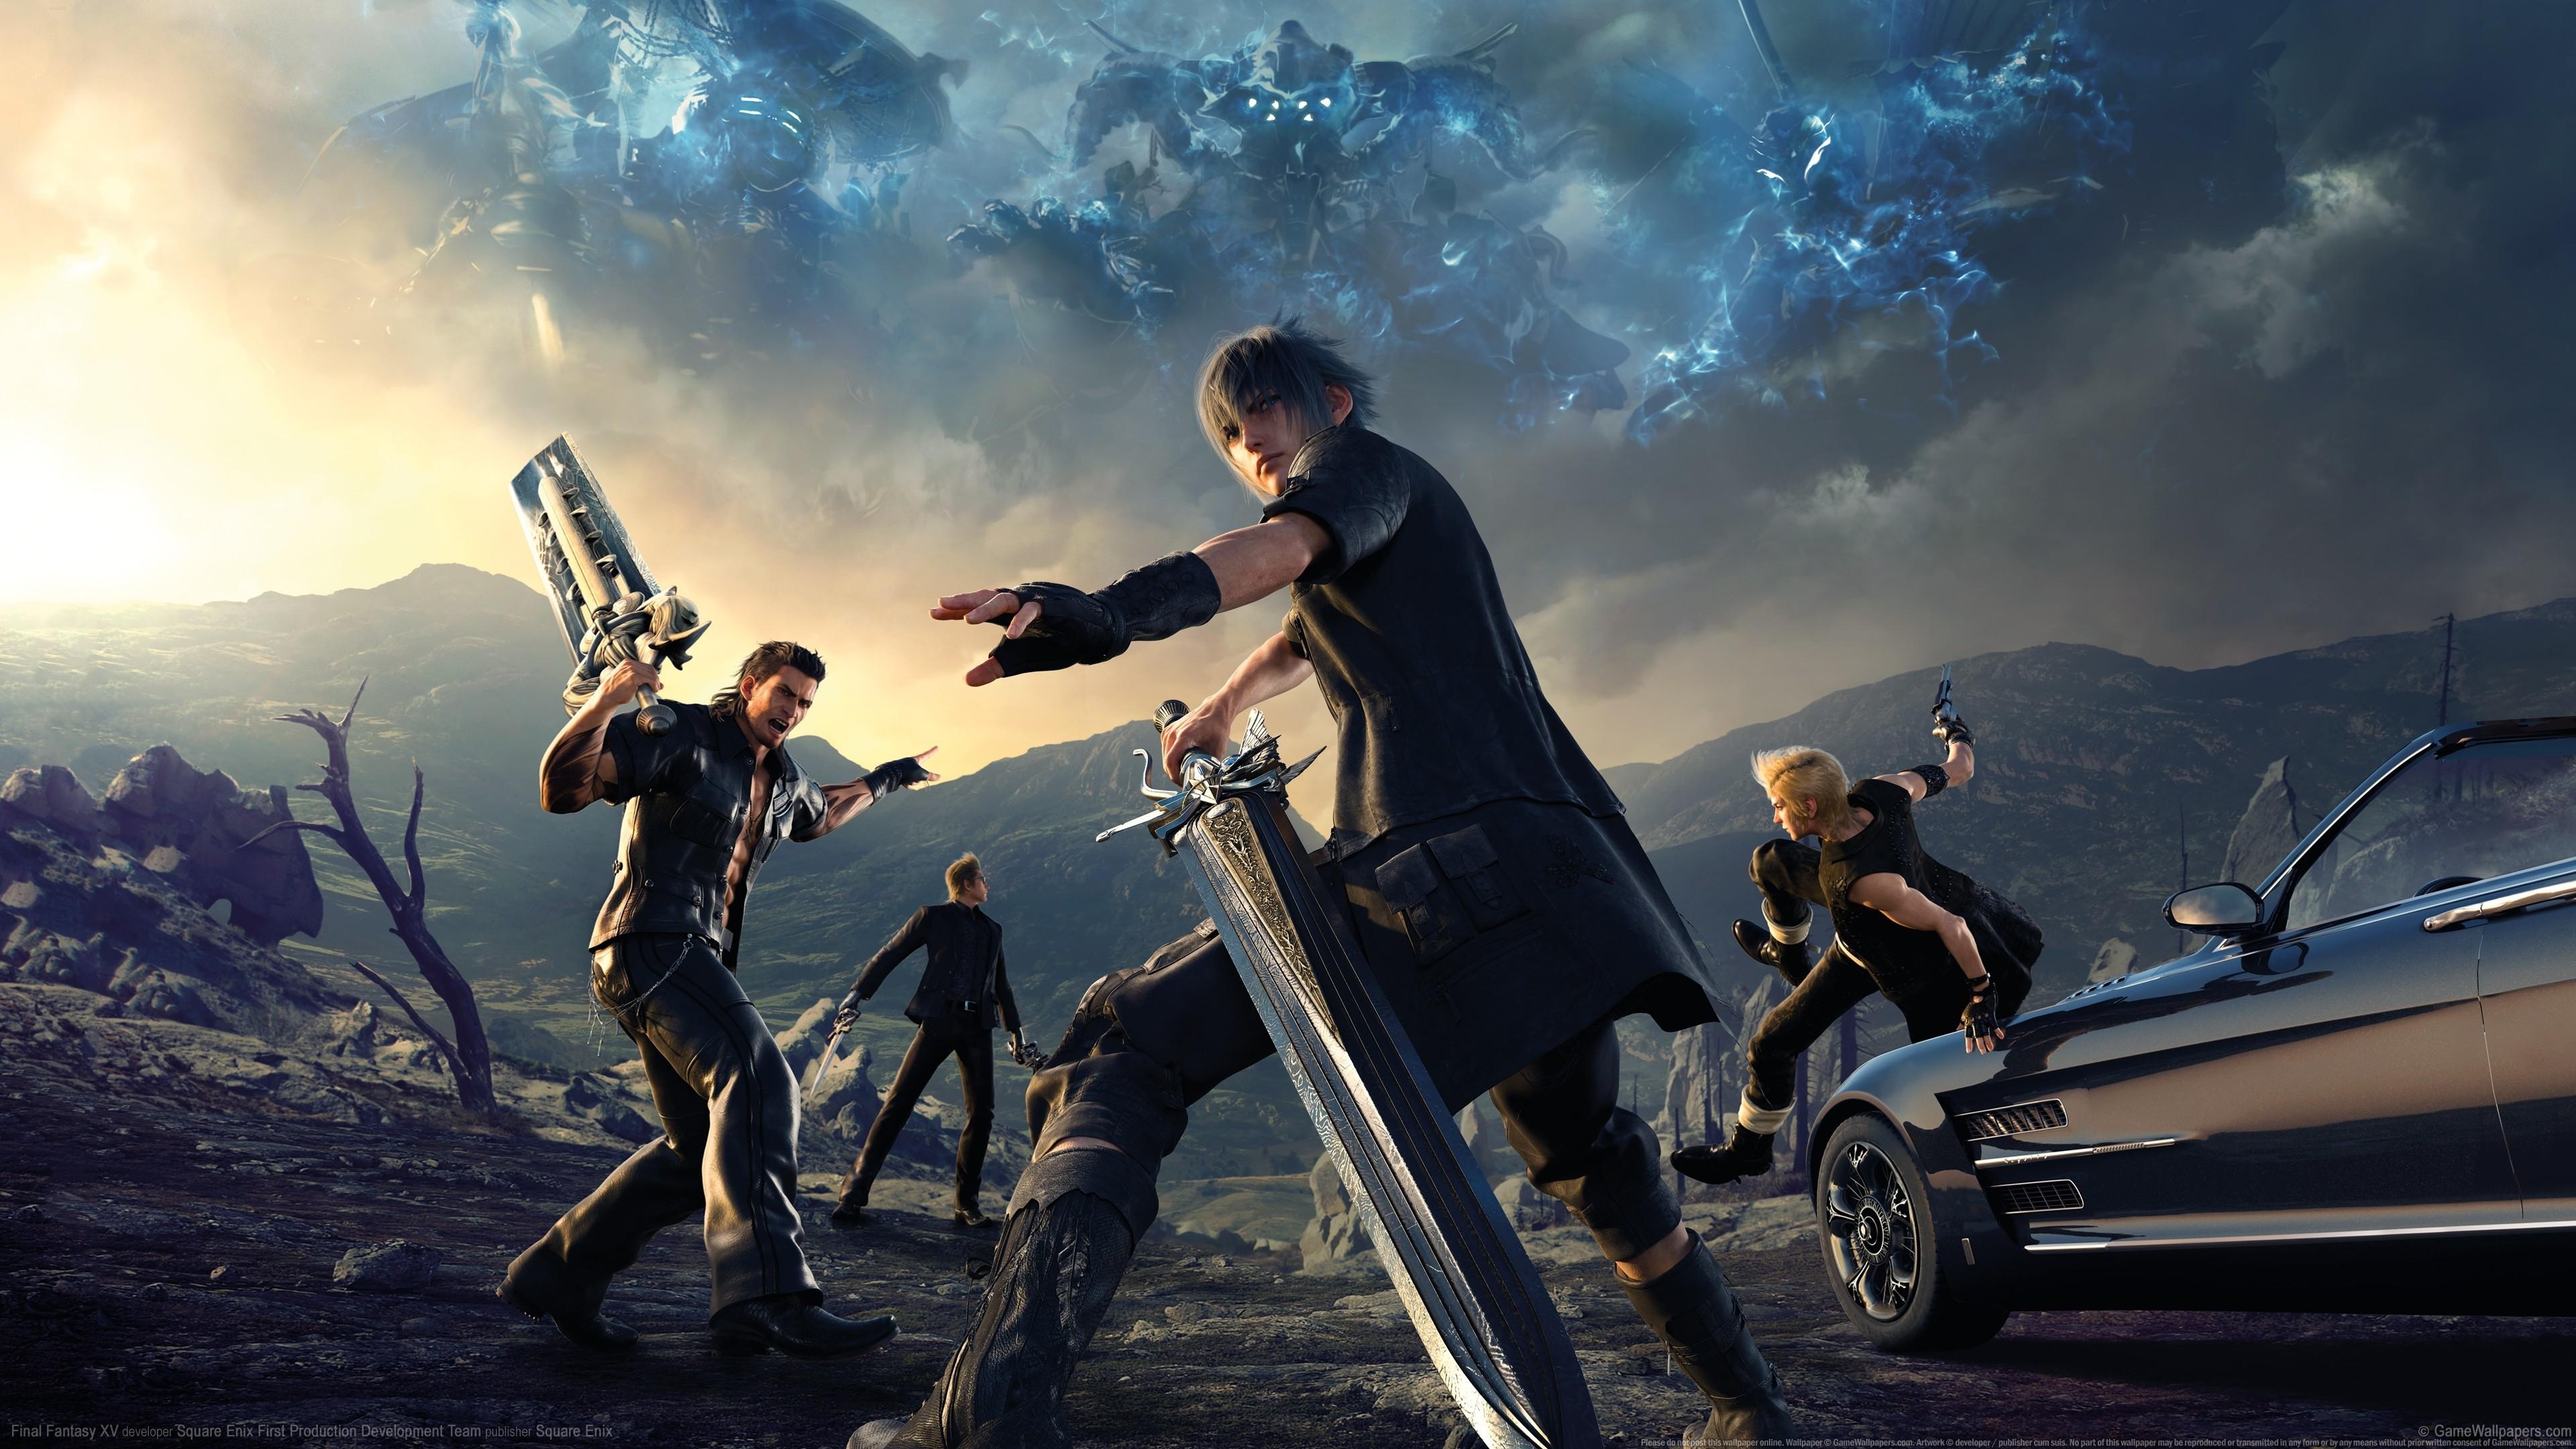 Final Fantasy XV prepara el terreno para su DLC multijugador